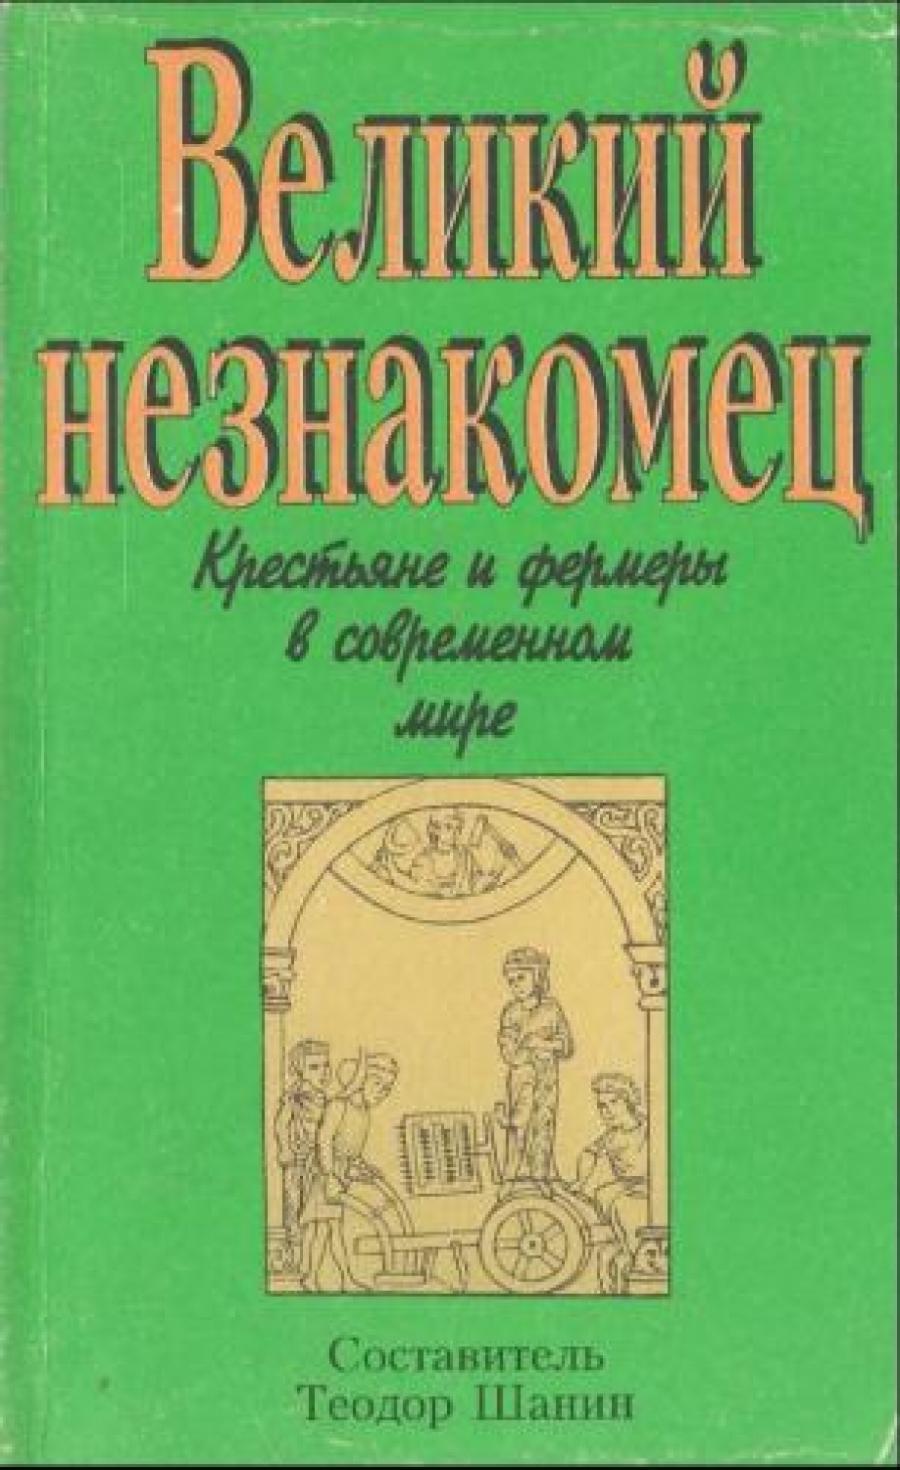 Обложка книги:  шанин т. - великий незнакомец. крестьяне и фермеры в современном мире